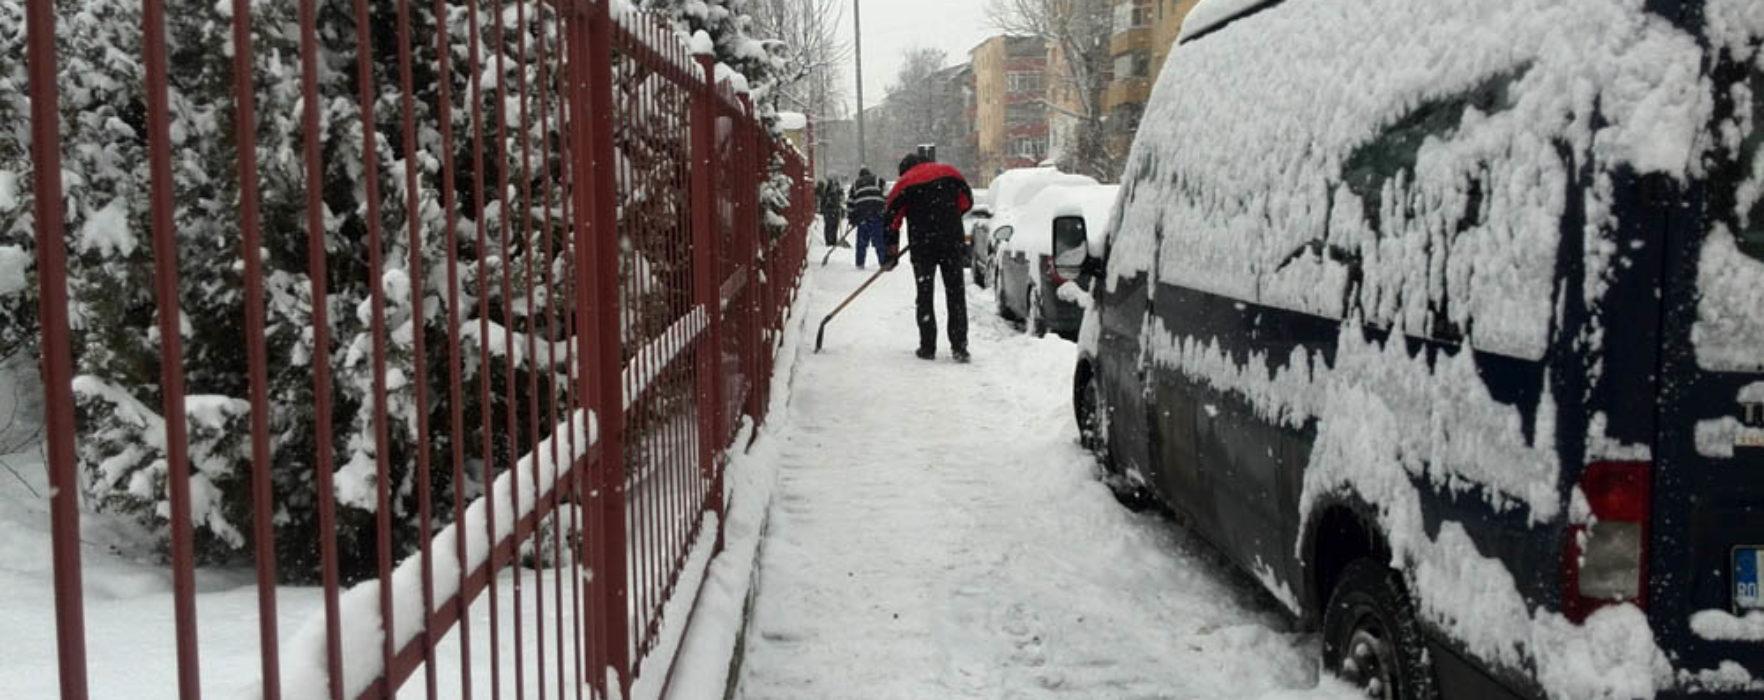 Primarul Târgoviştei, nemulţumit că majoritatea asistaţilor social au luat adeverinţe medicale pentru a nu veni la deszăpezit